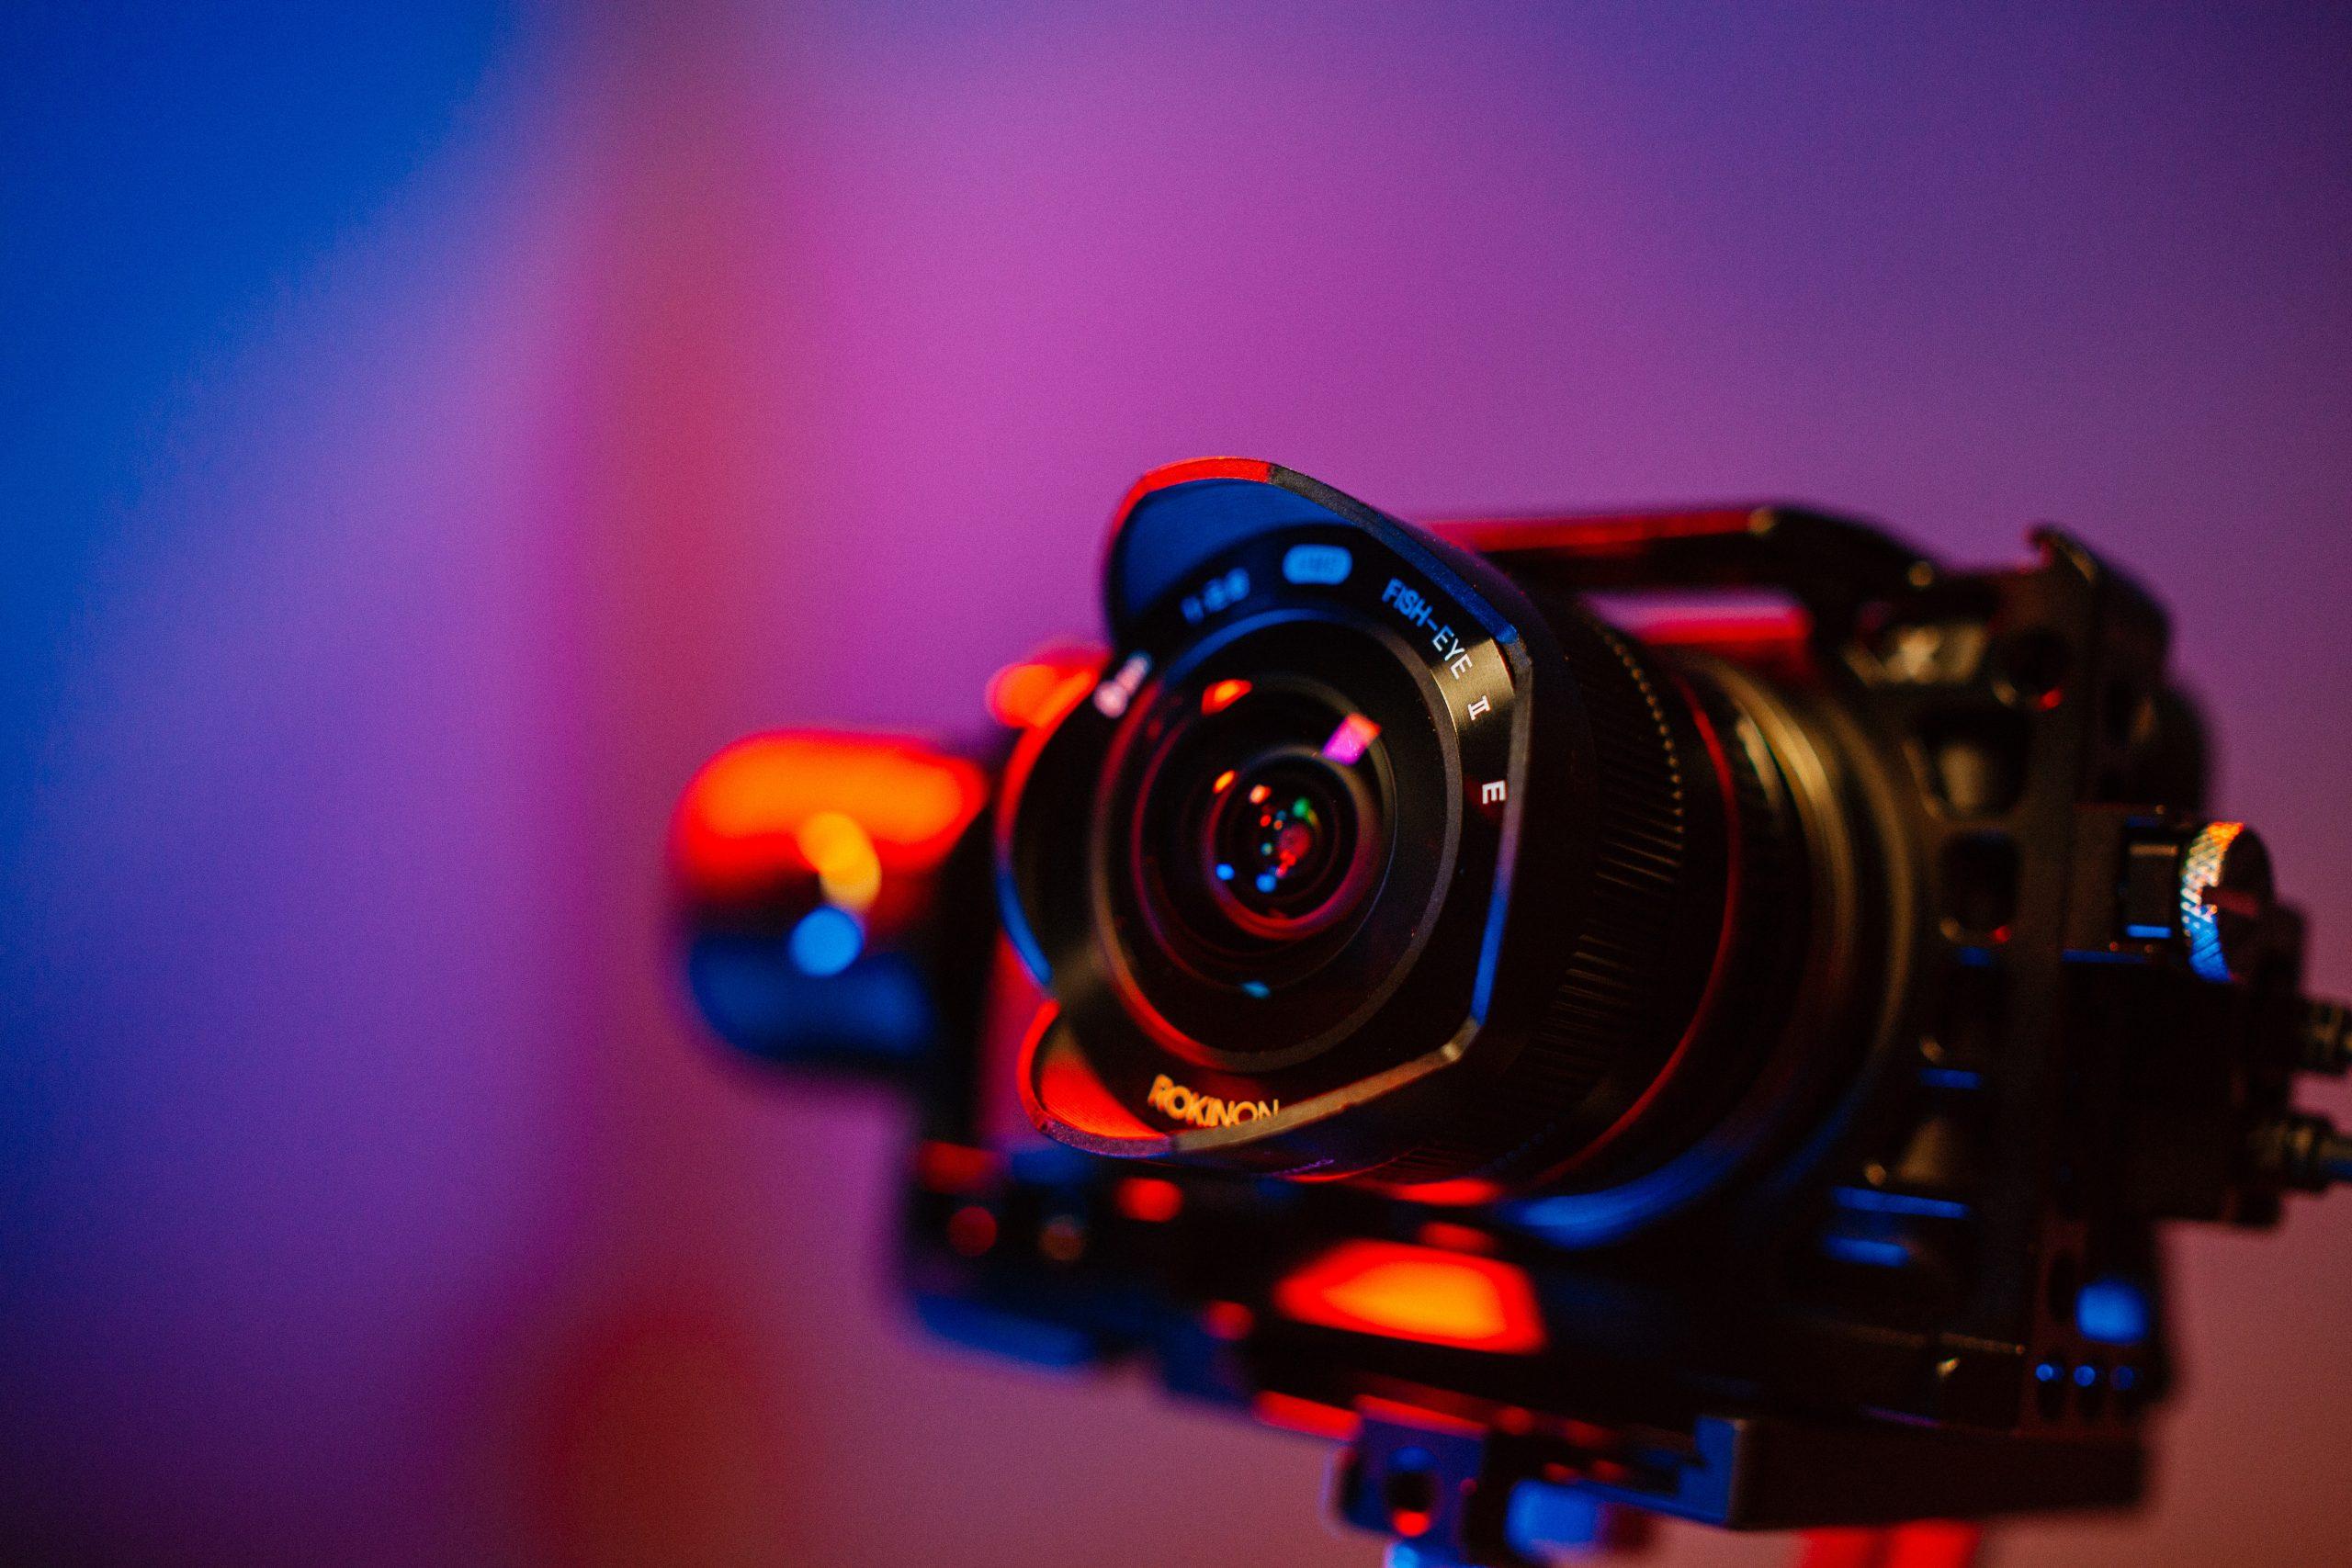 Imagem mostra uma câmera digital montada para uso.